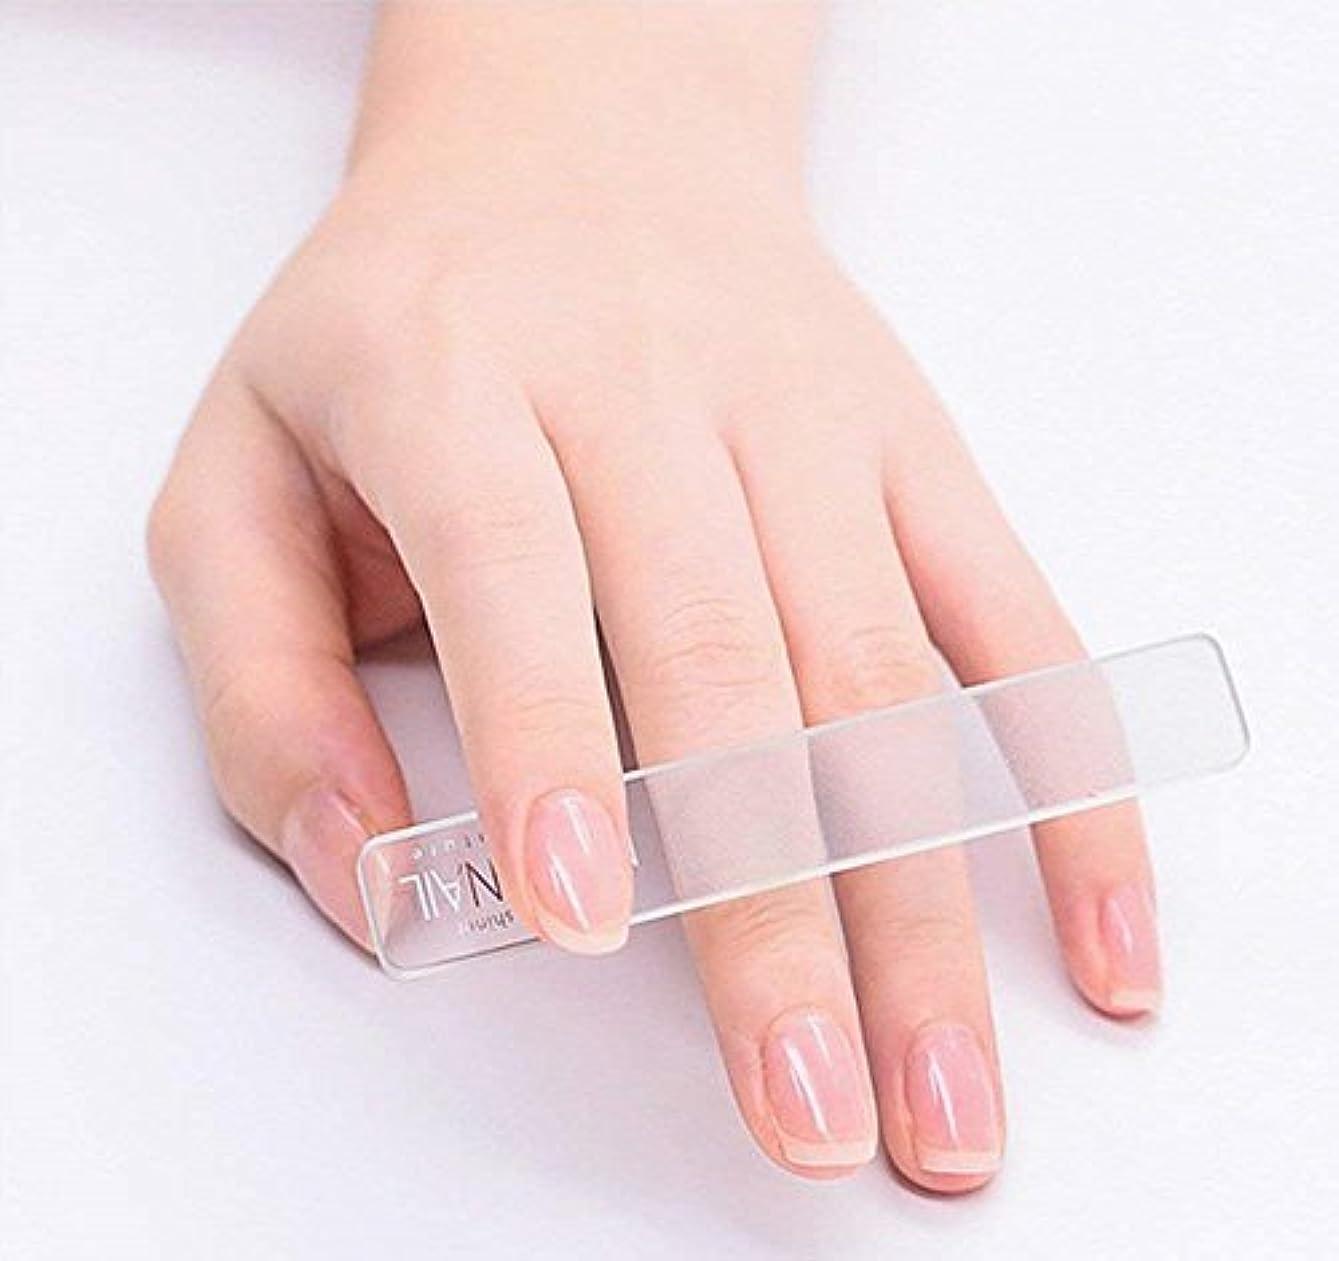 取り戻すまもなく敬意を表するSmartRICH ガラス製ネイルファイル ネイル, 透明ガラスNano研磨 絶妙 爪やすり 爪磨き 立体ナノネイルファイル ネイルケア用品 美しい指先 光沢長持ち